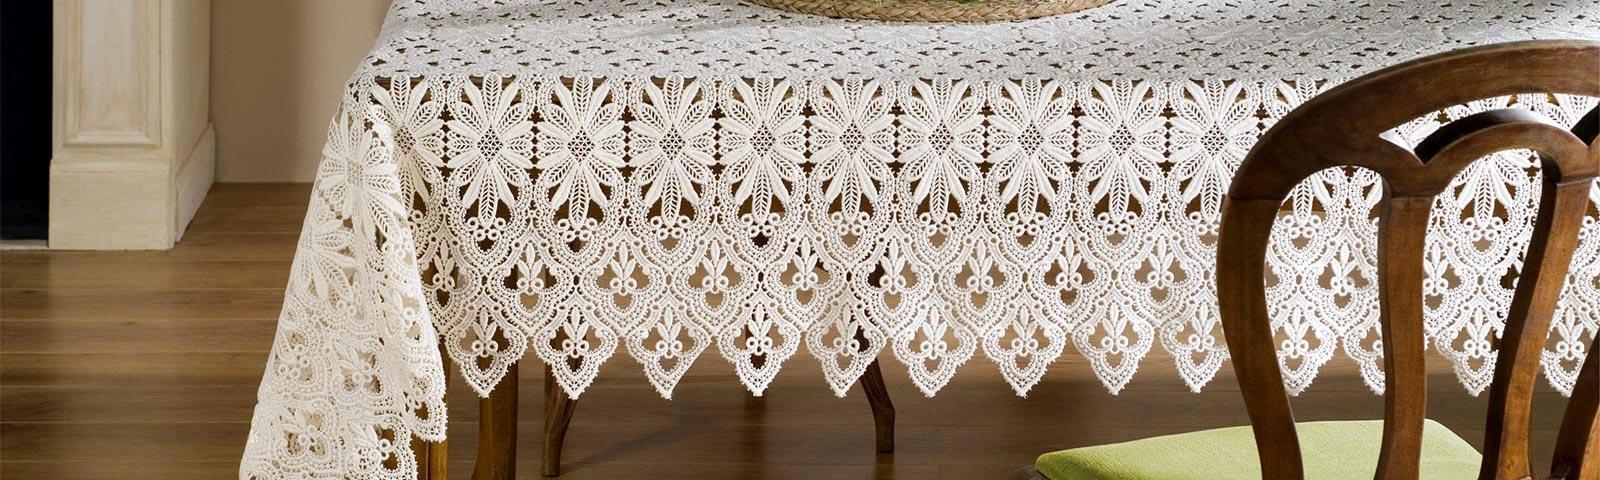 Macrame Lace Tablecloths